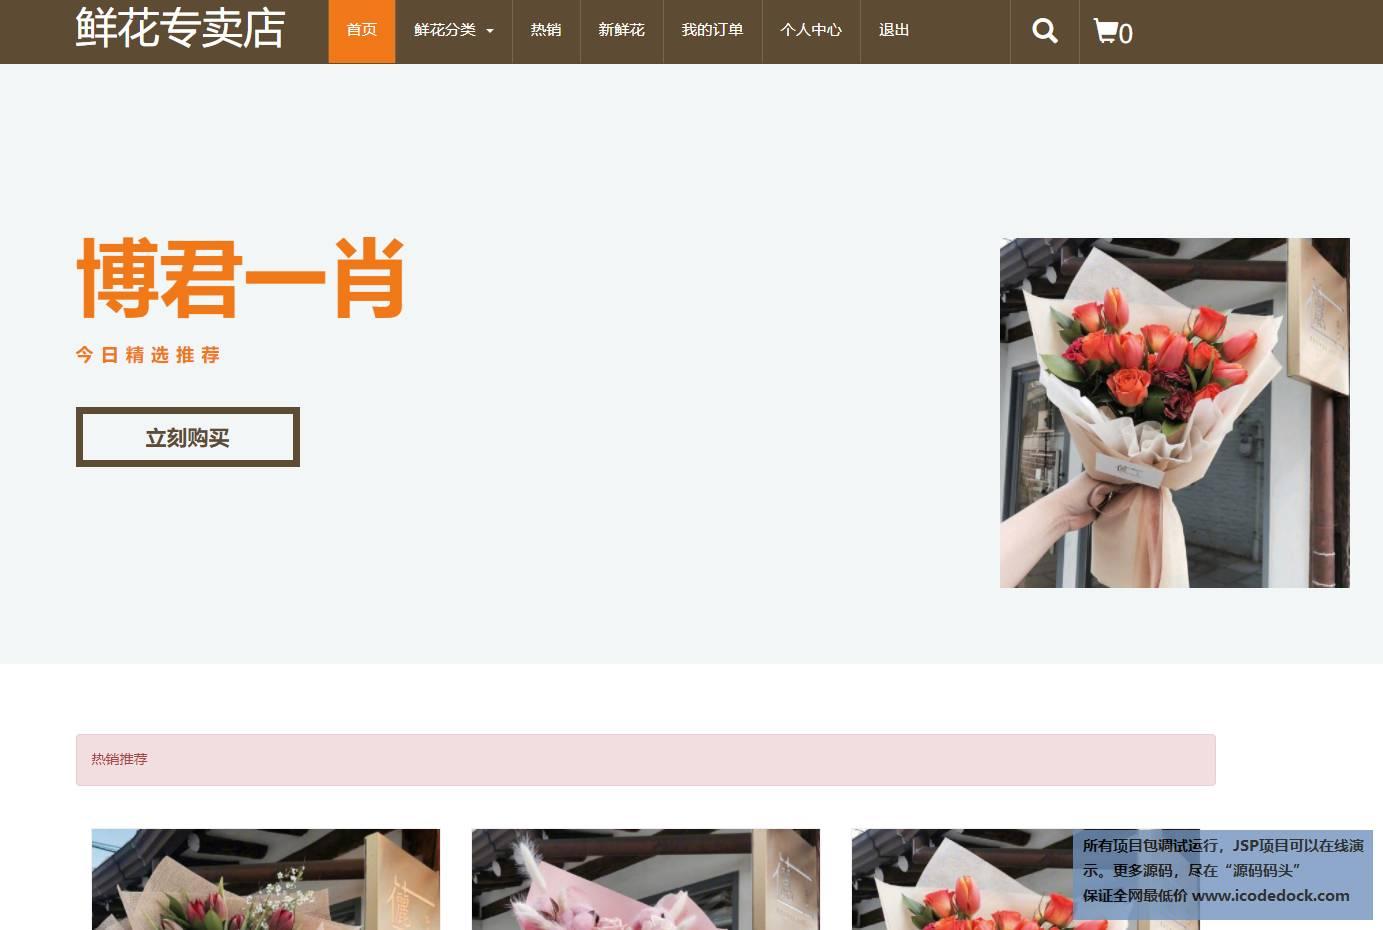 源码码头-JSP鲜花商城网站系统-用户角色-查看首页